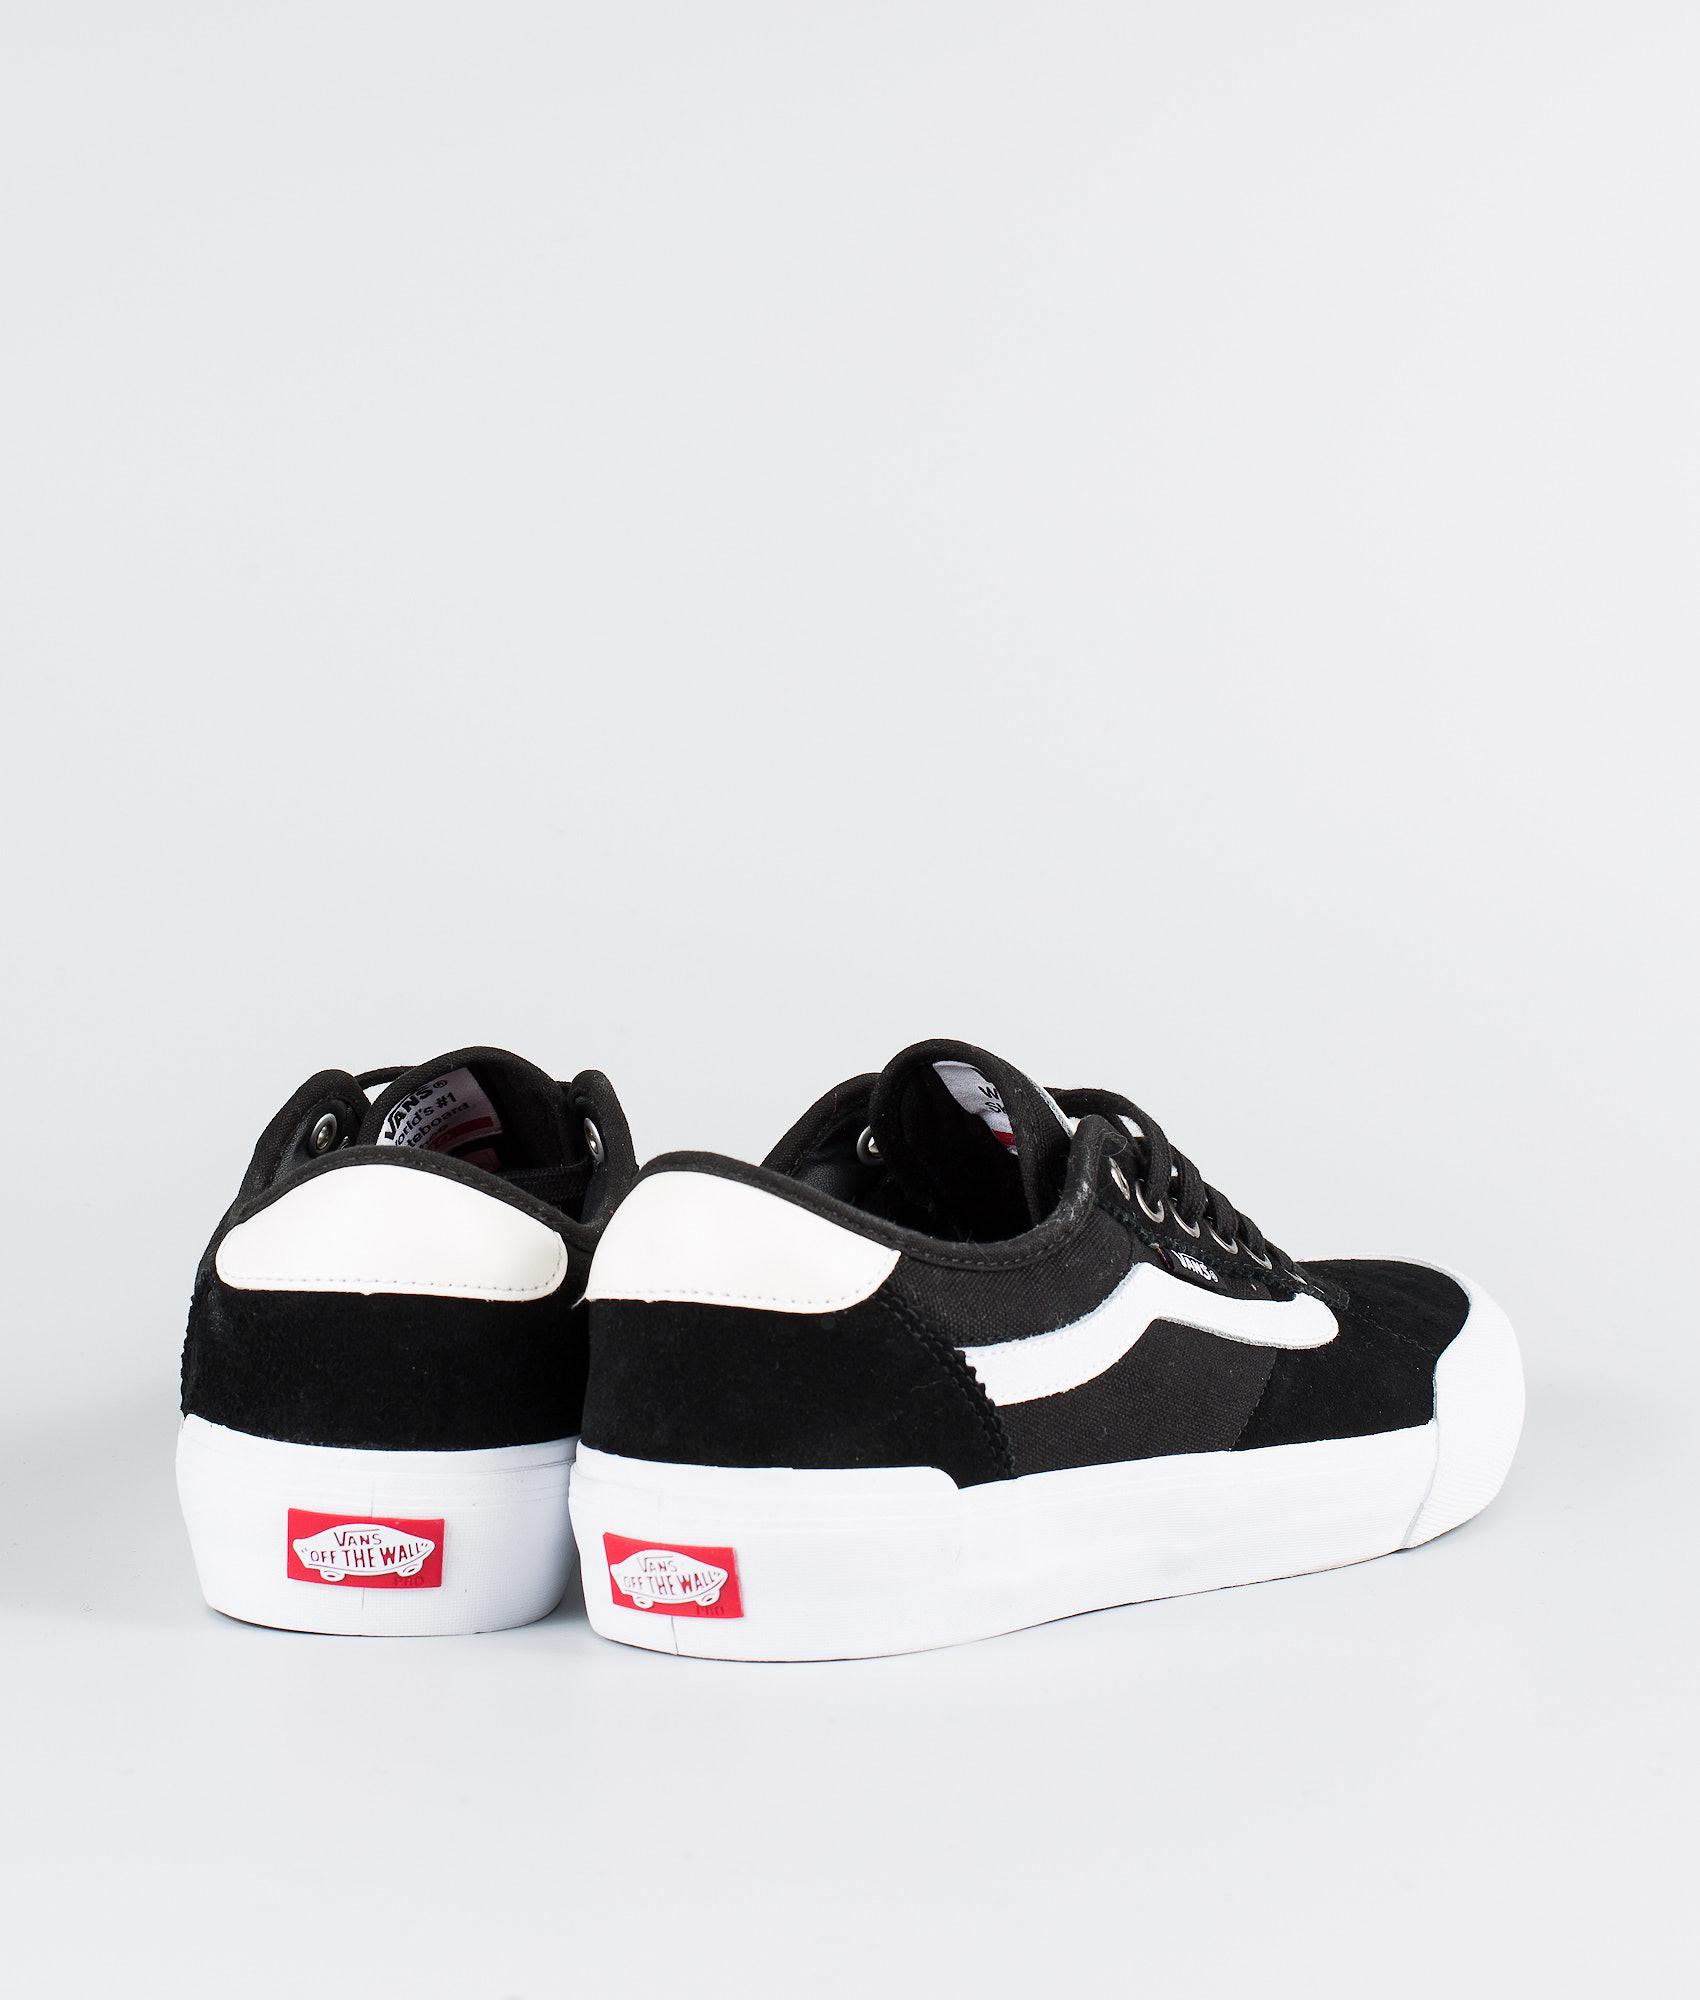 917464f54b8 Vans Chima Pro 2 Shoes (Suede Canvas)Black White - Ridestore.com